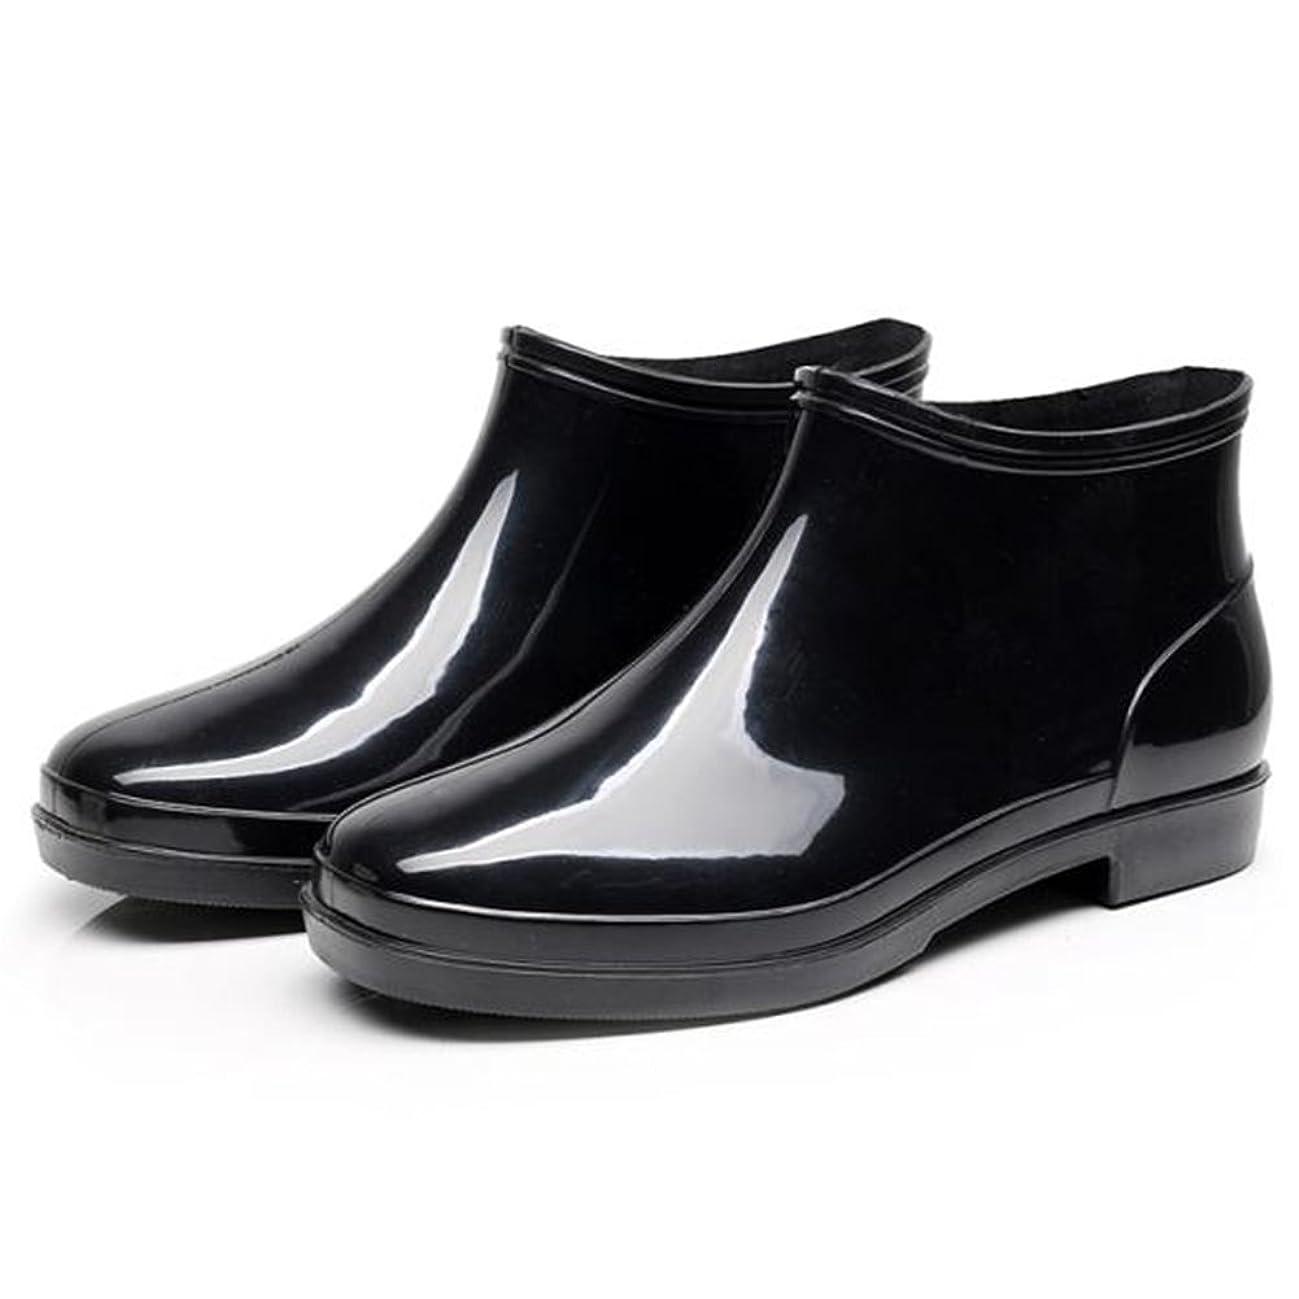 悪性のジレンマ私たち[エンゼルシティー] レディース&メンズ レインブーツ ロング ラバー 大きいサイズ サイドゴア ショートブーツ おしゃれ 防水 耐滑 雨靴 BLJ518-2